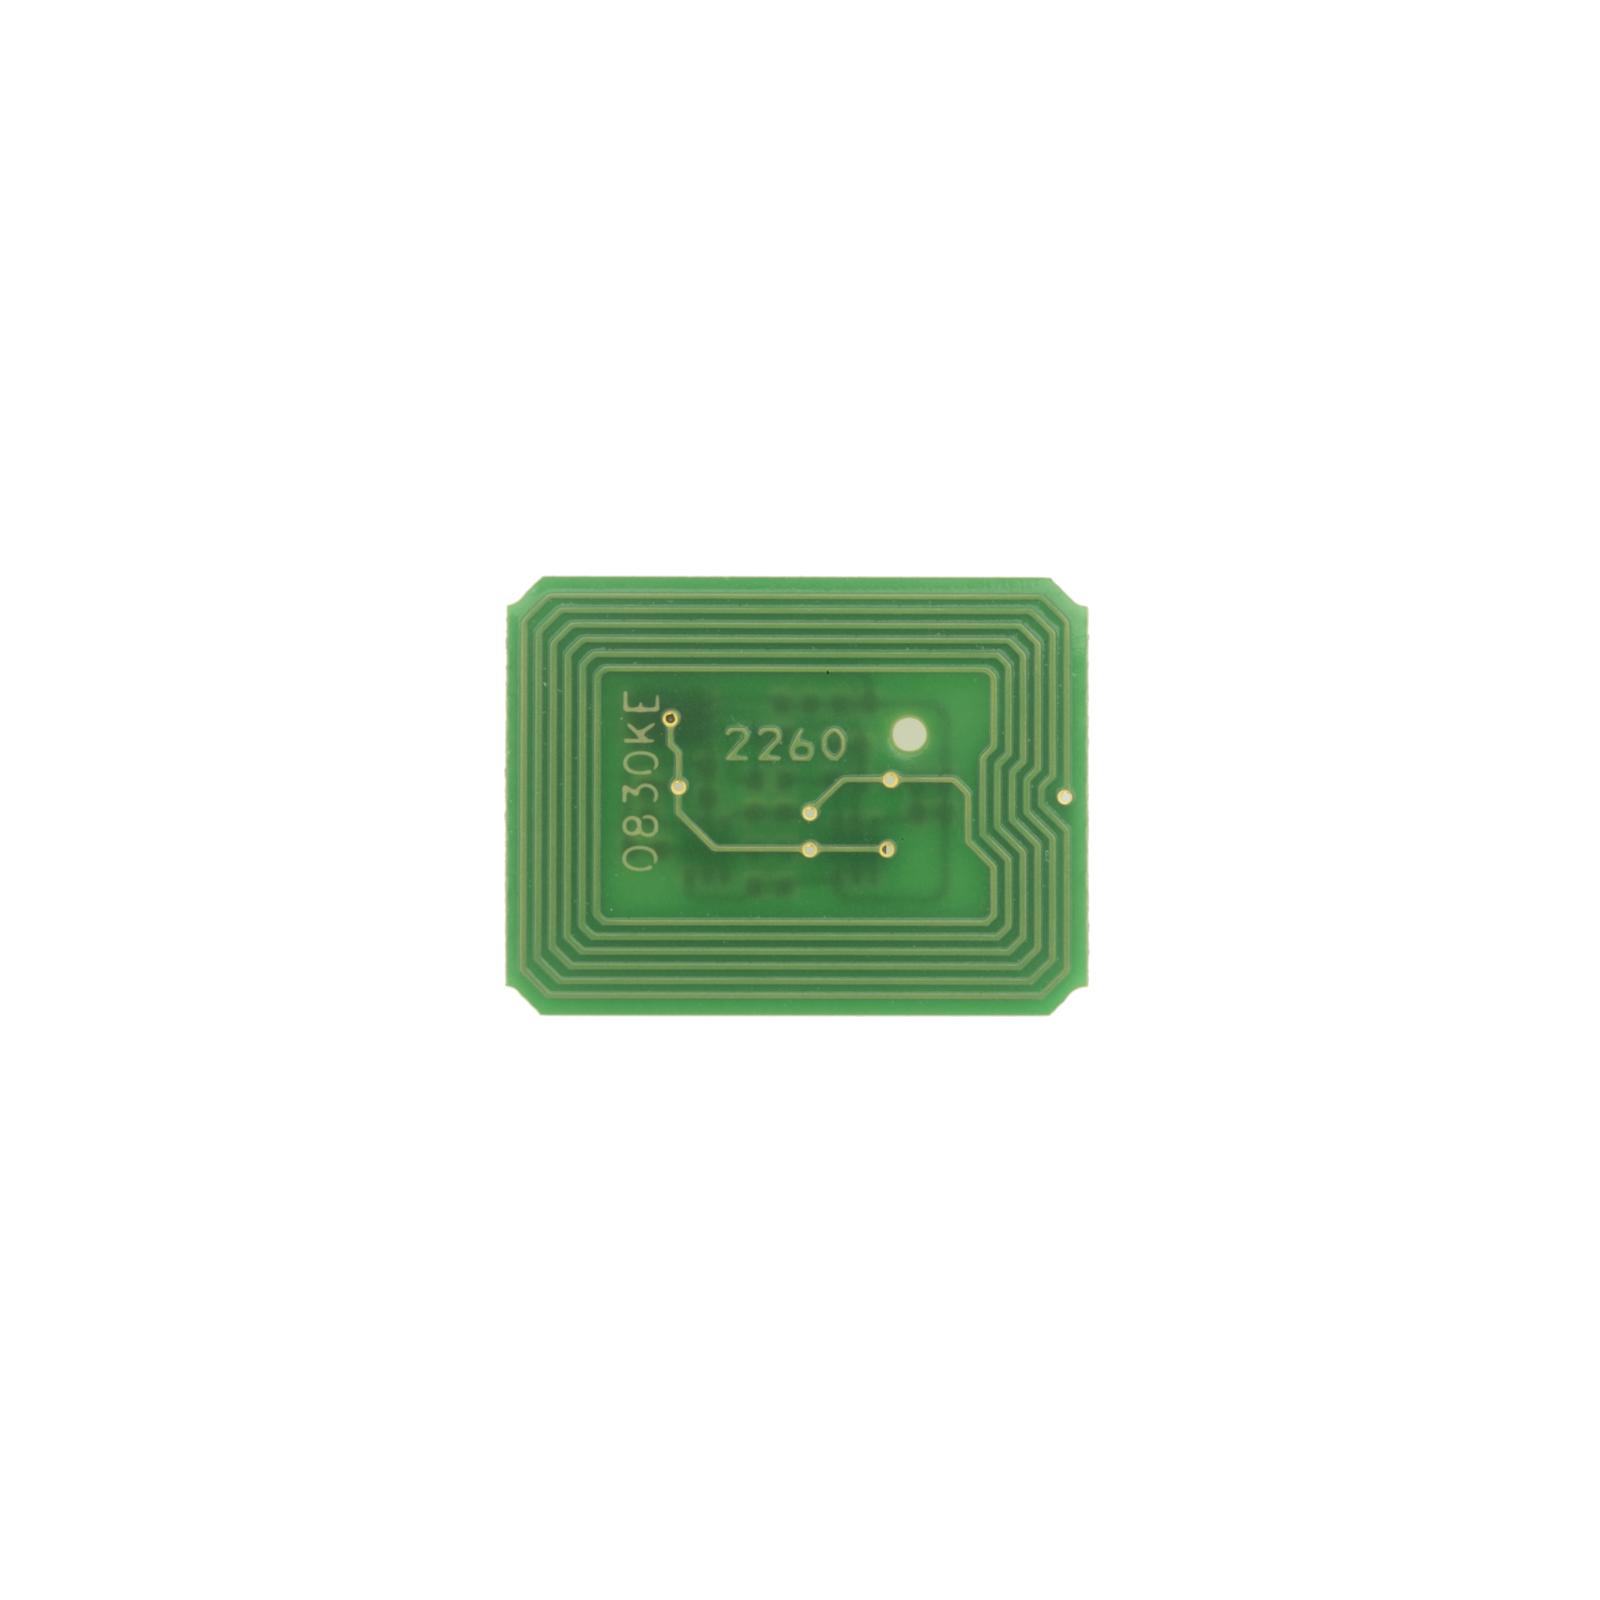 Чип для картриджа Oki C910 (44036021) 15k yellow Static Control (OKI910CHIP-YEU)